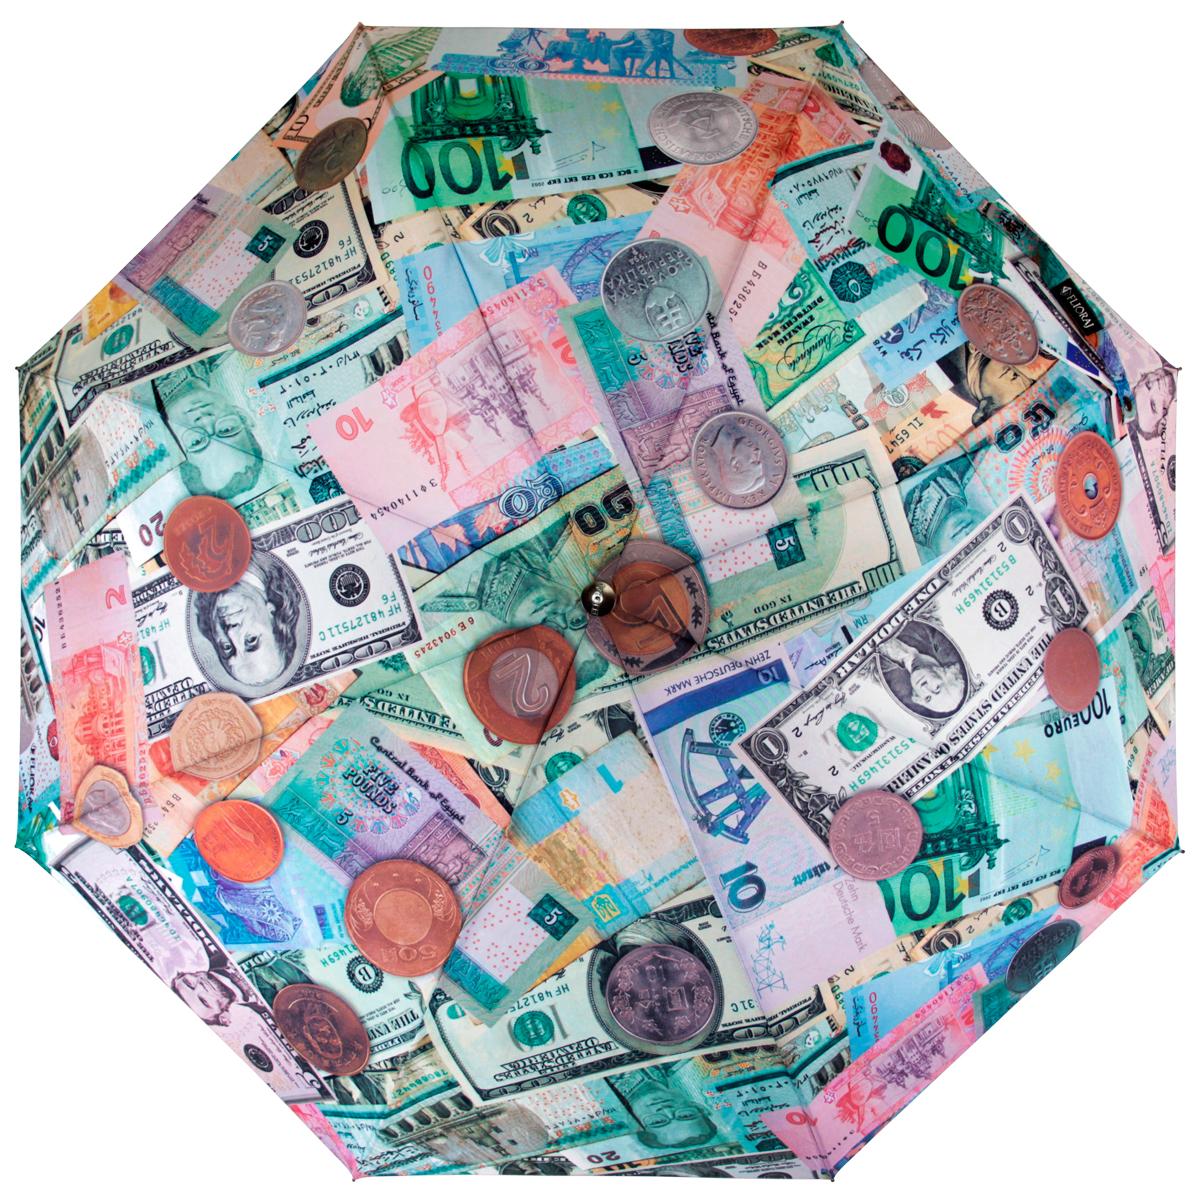 Зонт Flioraj Купюры и монеты, автомат, 3 сложения, зеленый014-42 FJСтильный автоматический зонт Flioraj Купюры и монеты в 3 сложения даже в ненастную погоду позволит вам оставаться стильной и элегантной. Каркас зонта из анодированной стали состоит из восьми карбоновых спиц, оснащен удобной прорезиненной рукояткой. Карбоновые спицы помогут выдержать натиск ураганного ветра. Зонт снабжен системой антиветер. Зонт имеет полный автоматический механизм сложения: купол открывается и закрывается нажатием кнопки на рукоятке, стержень складывается вручную до характерного щелчка, благодаря чему открыть и закрыть зонт можно одной рукой, что чрезвычайно удобно при входе в транспорт или помещение. Купол зонта выполнен из прочного полиэстера и оформлен оригинальным изображением различных купюр и монет. Закрытый купол фиксируется хлястиком ев кнопке. На рукоятке для удобства есть небольшая эластичная петля, позволяющая надеть зонт на руку тогда, когда это будет необходимо. К зонту прилагается чехол.